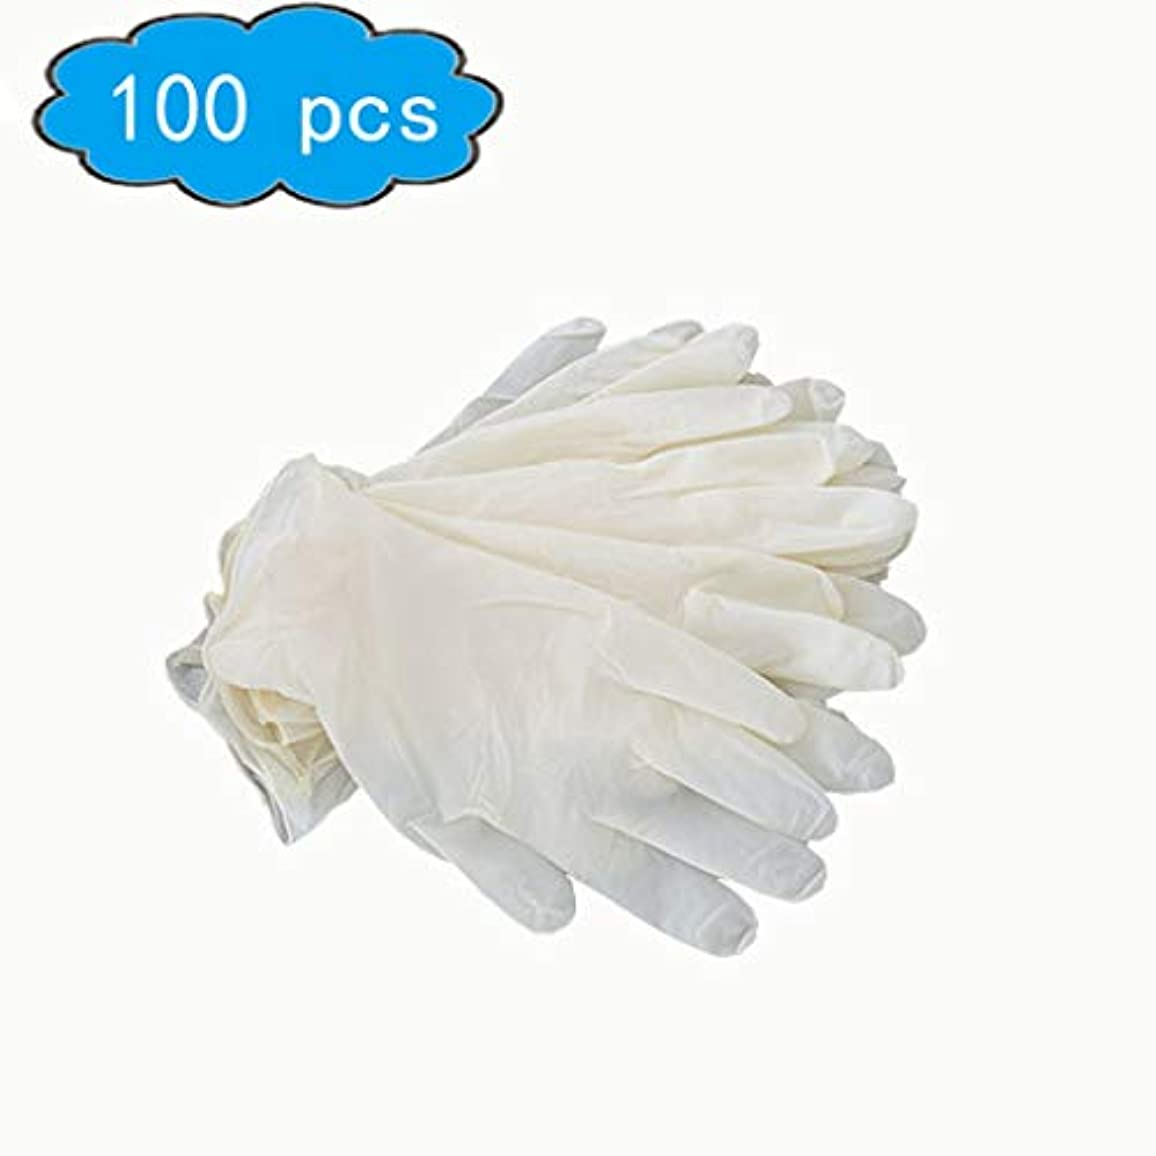 ブレンド上下する道路を作るプロセスラテックスゴム手袋パウダーフリー/使い捨て食品調理用手袋/キッチンフードサービスクリーニンググローブサイズ中型、100個入り、応急処置用品 (Color : Beige, Size : L)